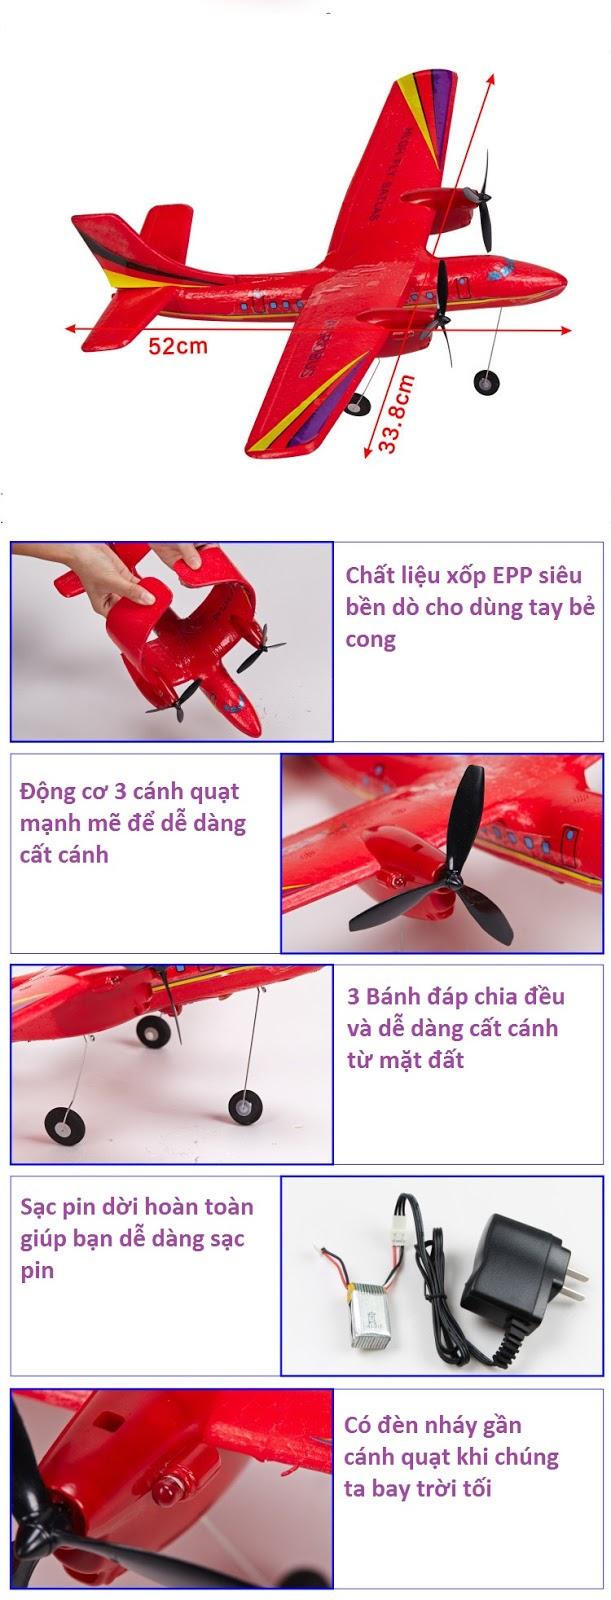 Máy bay cánh bằng SCN005_3